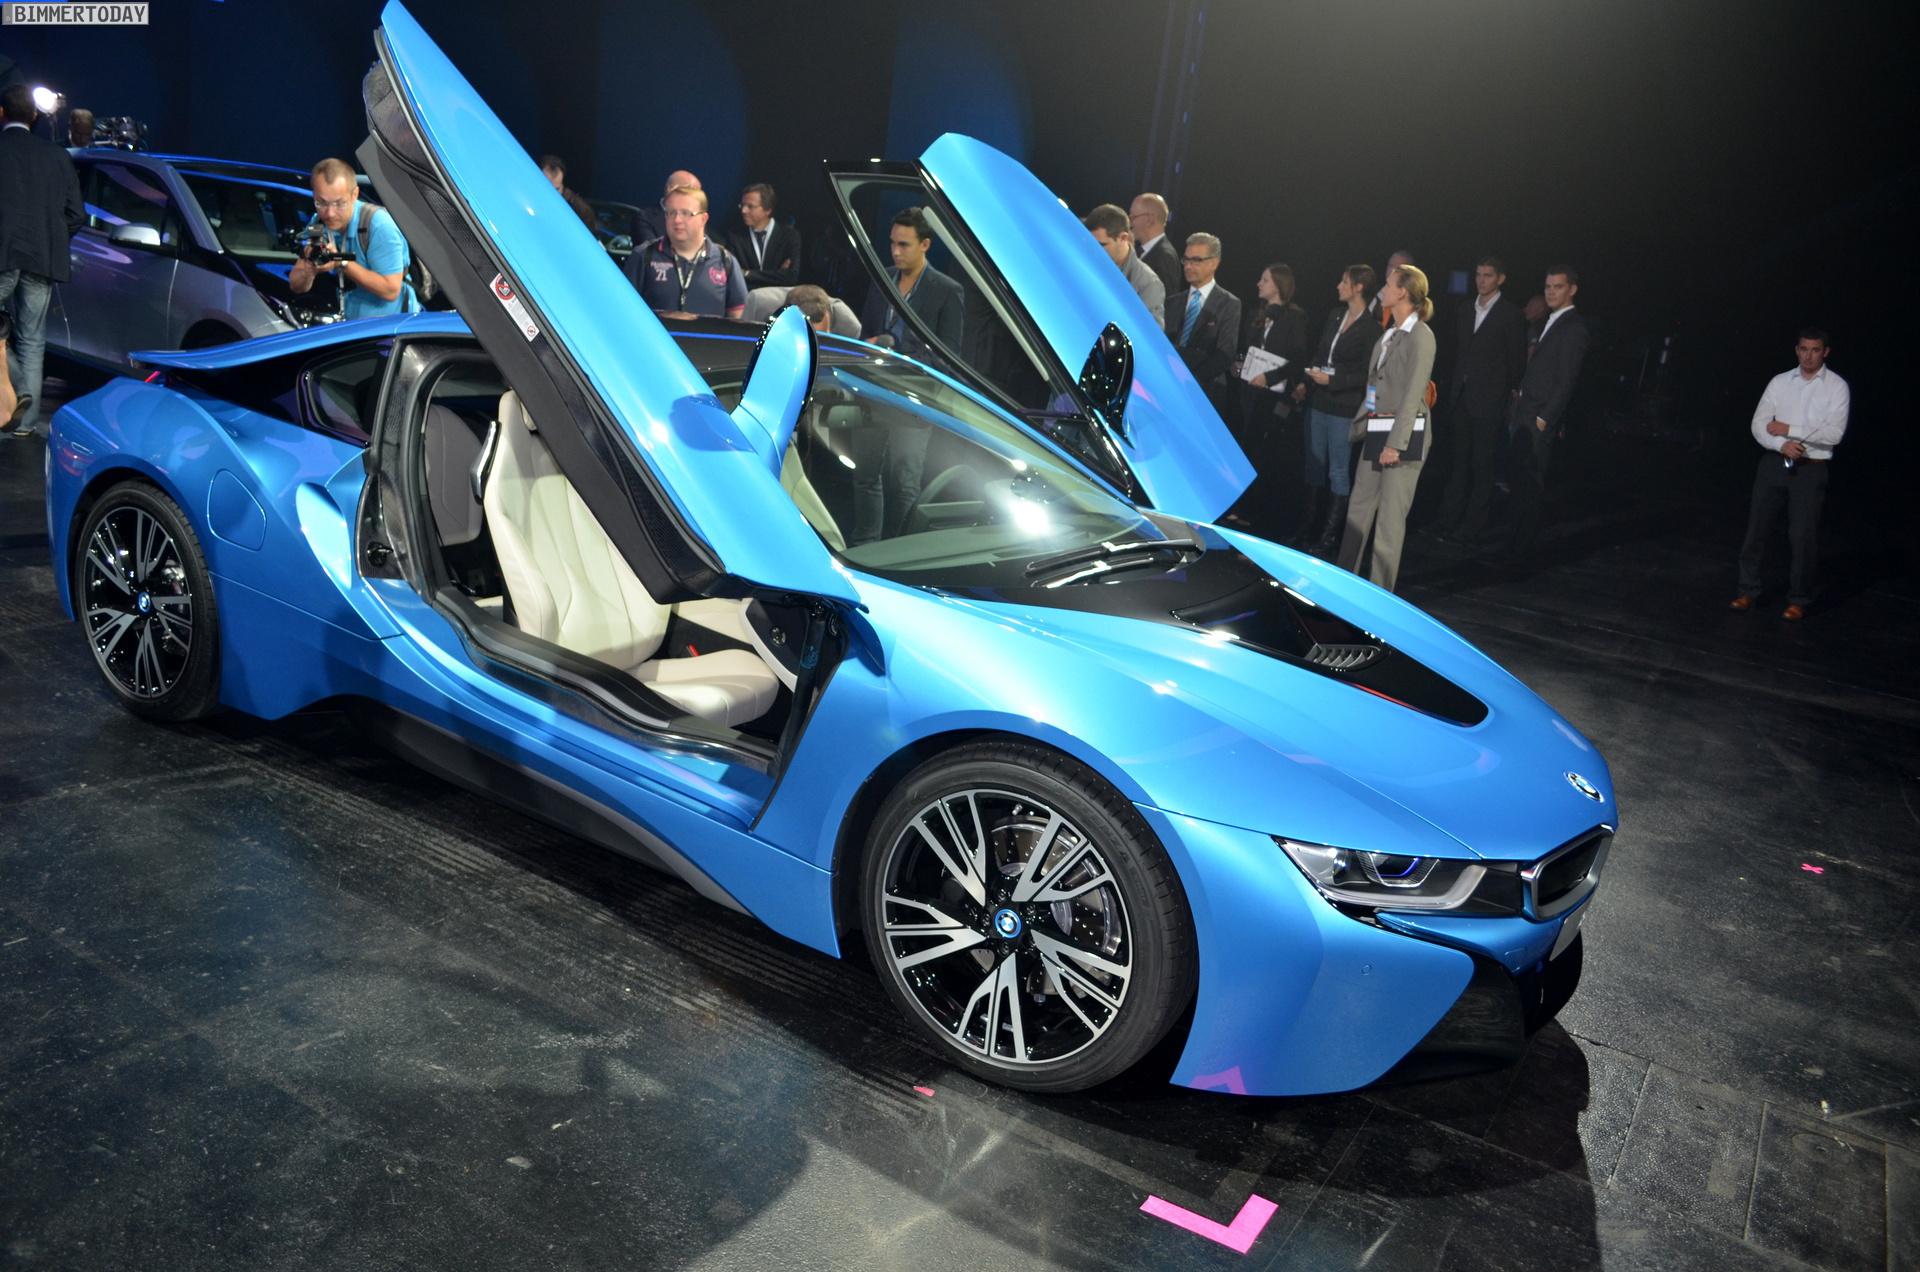 2013 - [BMW] i8 [i12] - Page 13 BMW-i8-Hybrid-eDrive-Weltpremiere-Protonic-Blue-IAA-2013-LIVE-08